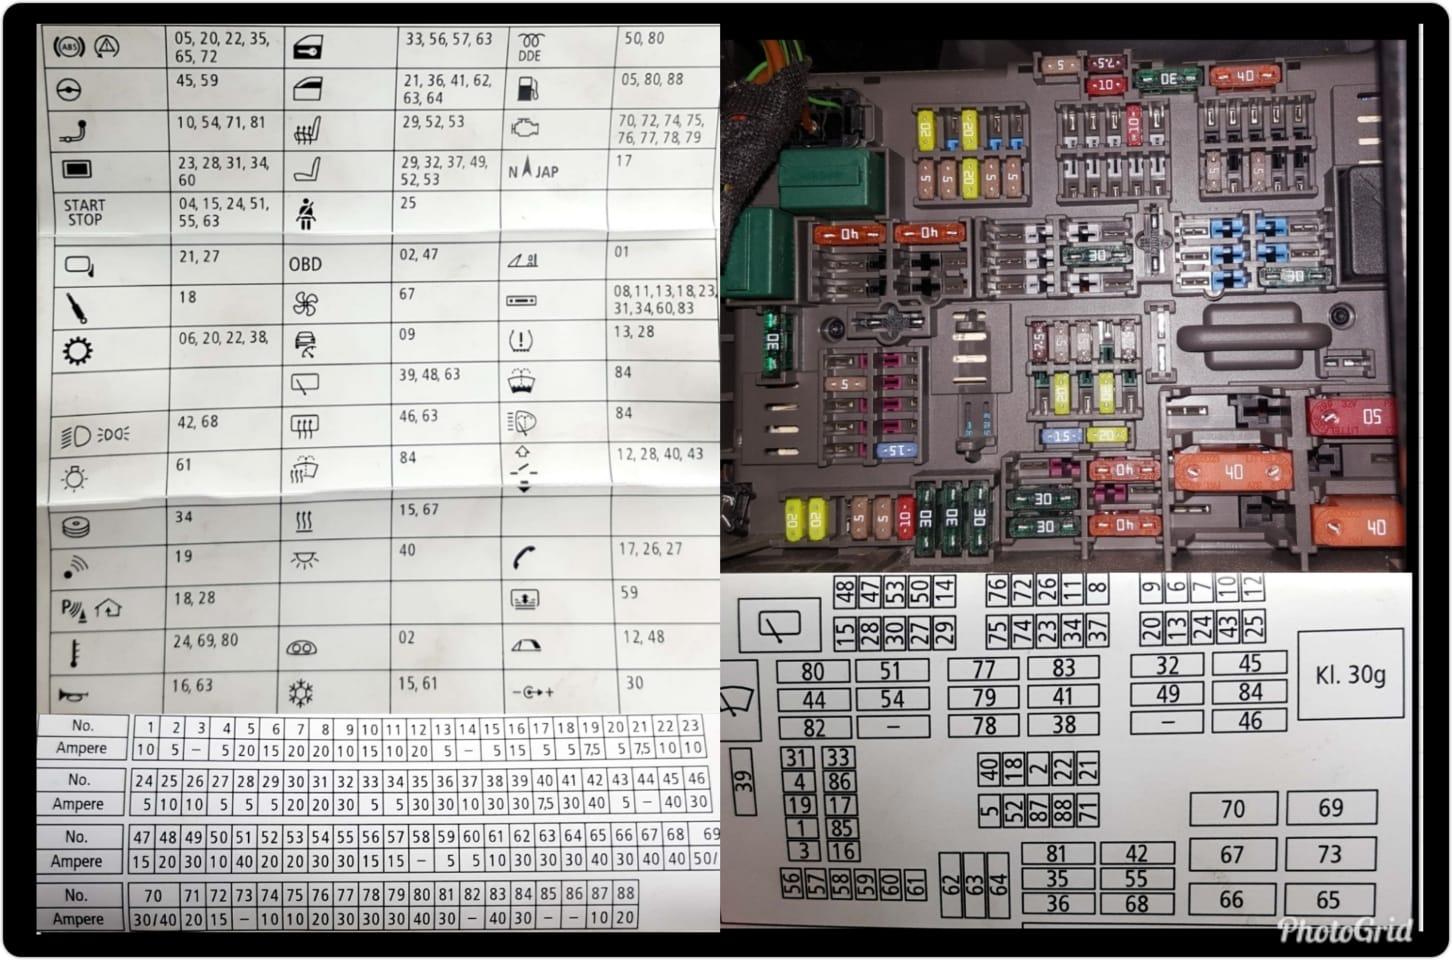 [DIAGRAM_3US]  Fuse Box Diagram - BMW M3 Forum (E90 E92) | 2001 Bmw 328i Fuse Box |  | Bimmerpost